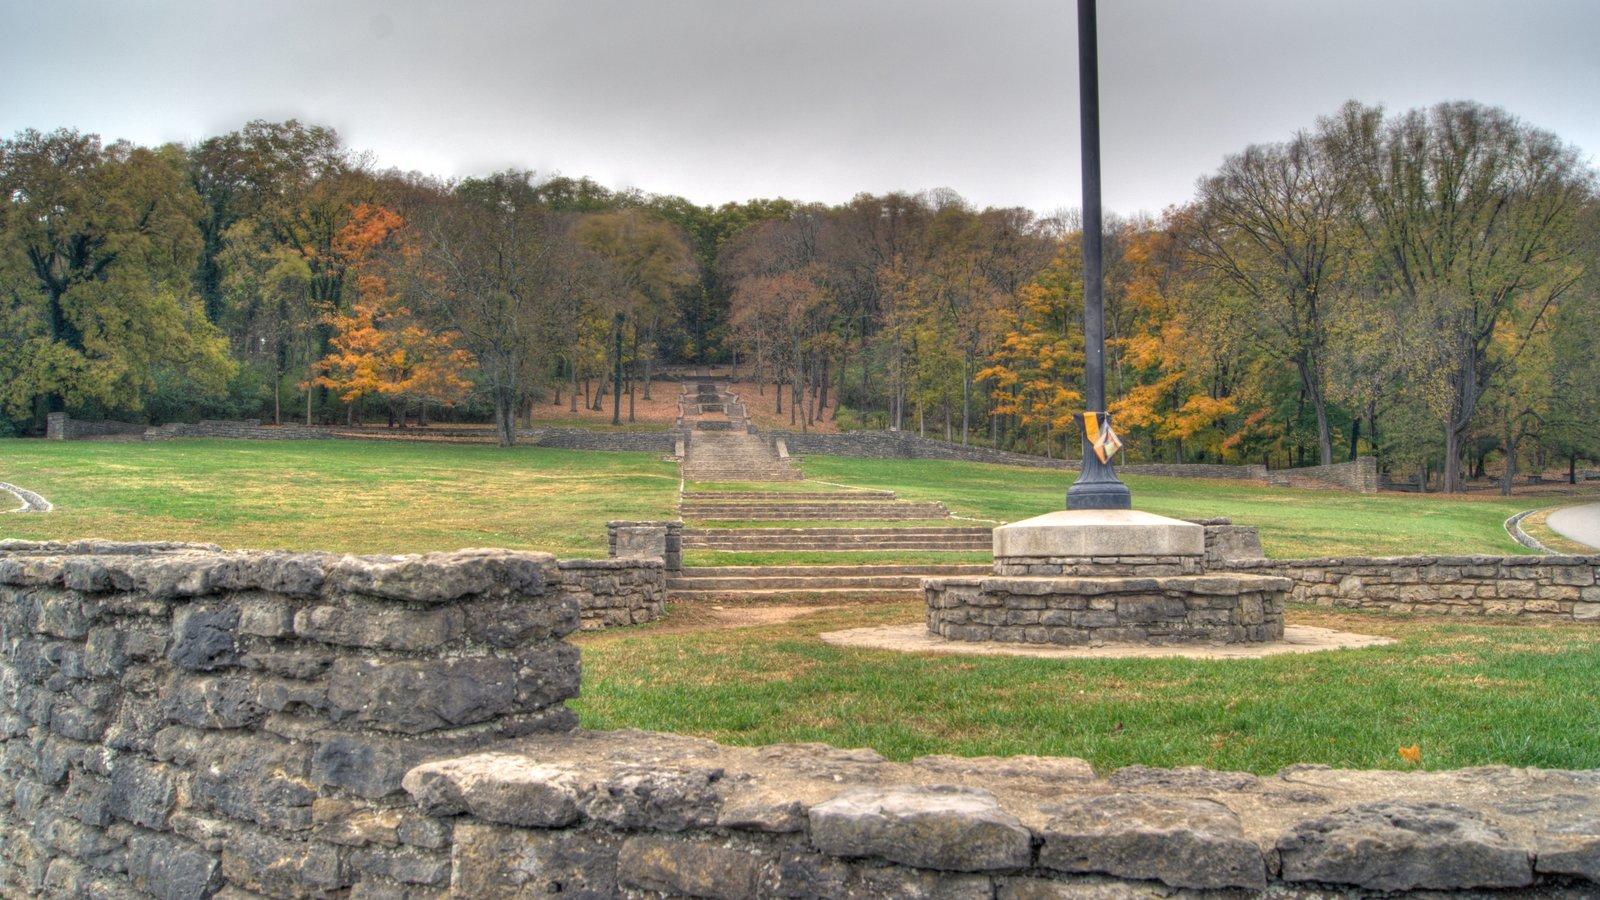 Edwin and Percy Warner Parks mostrando vistas de paisajes, un jardín y bosques